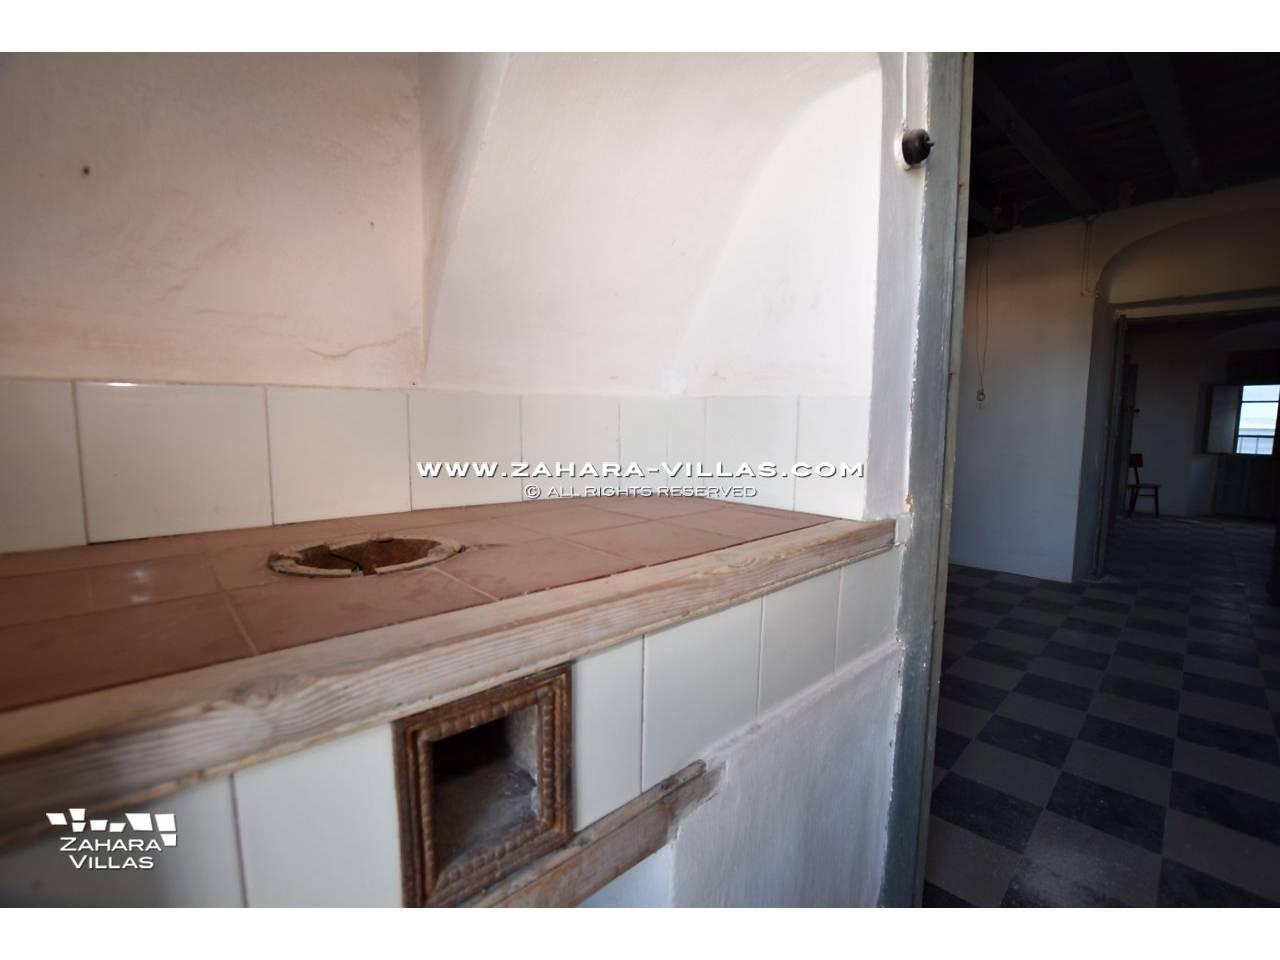 Imagen 8 de Historic buildings for sale in Vejer de la Frontera are sold